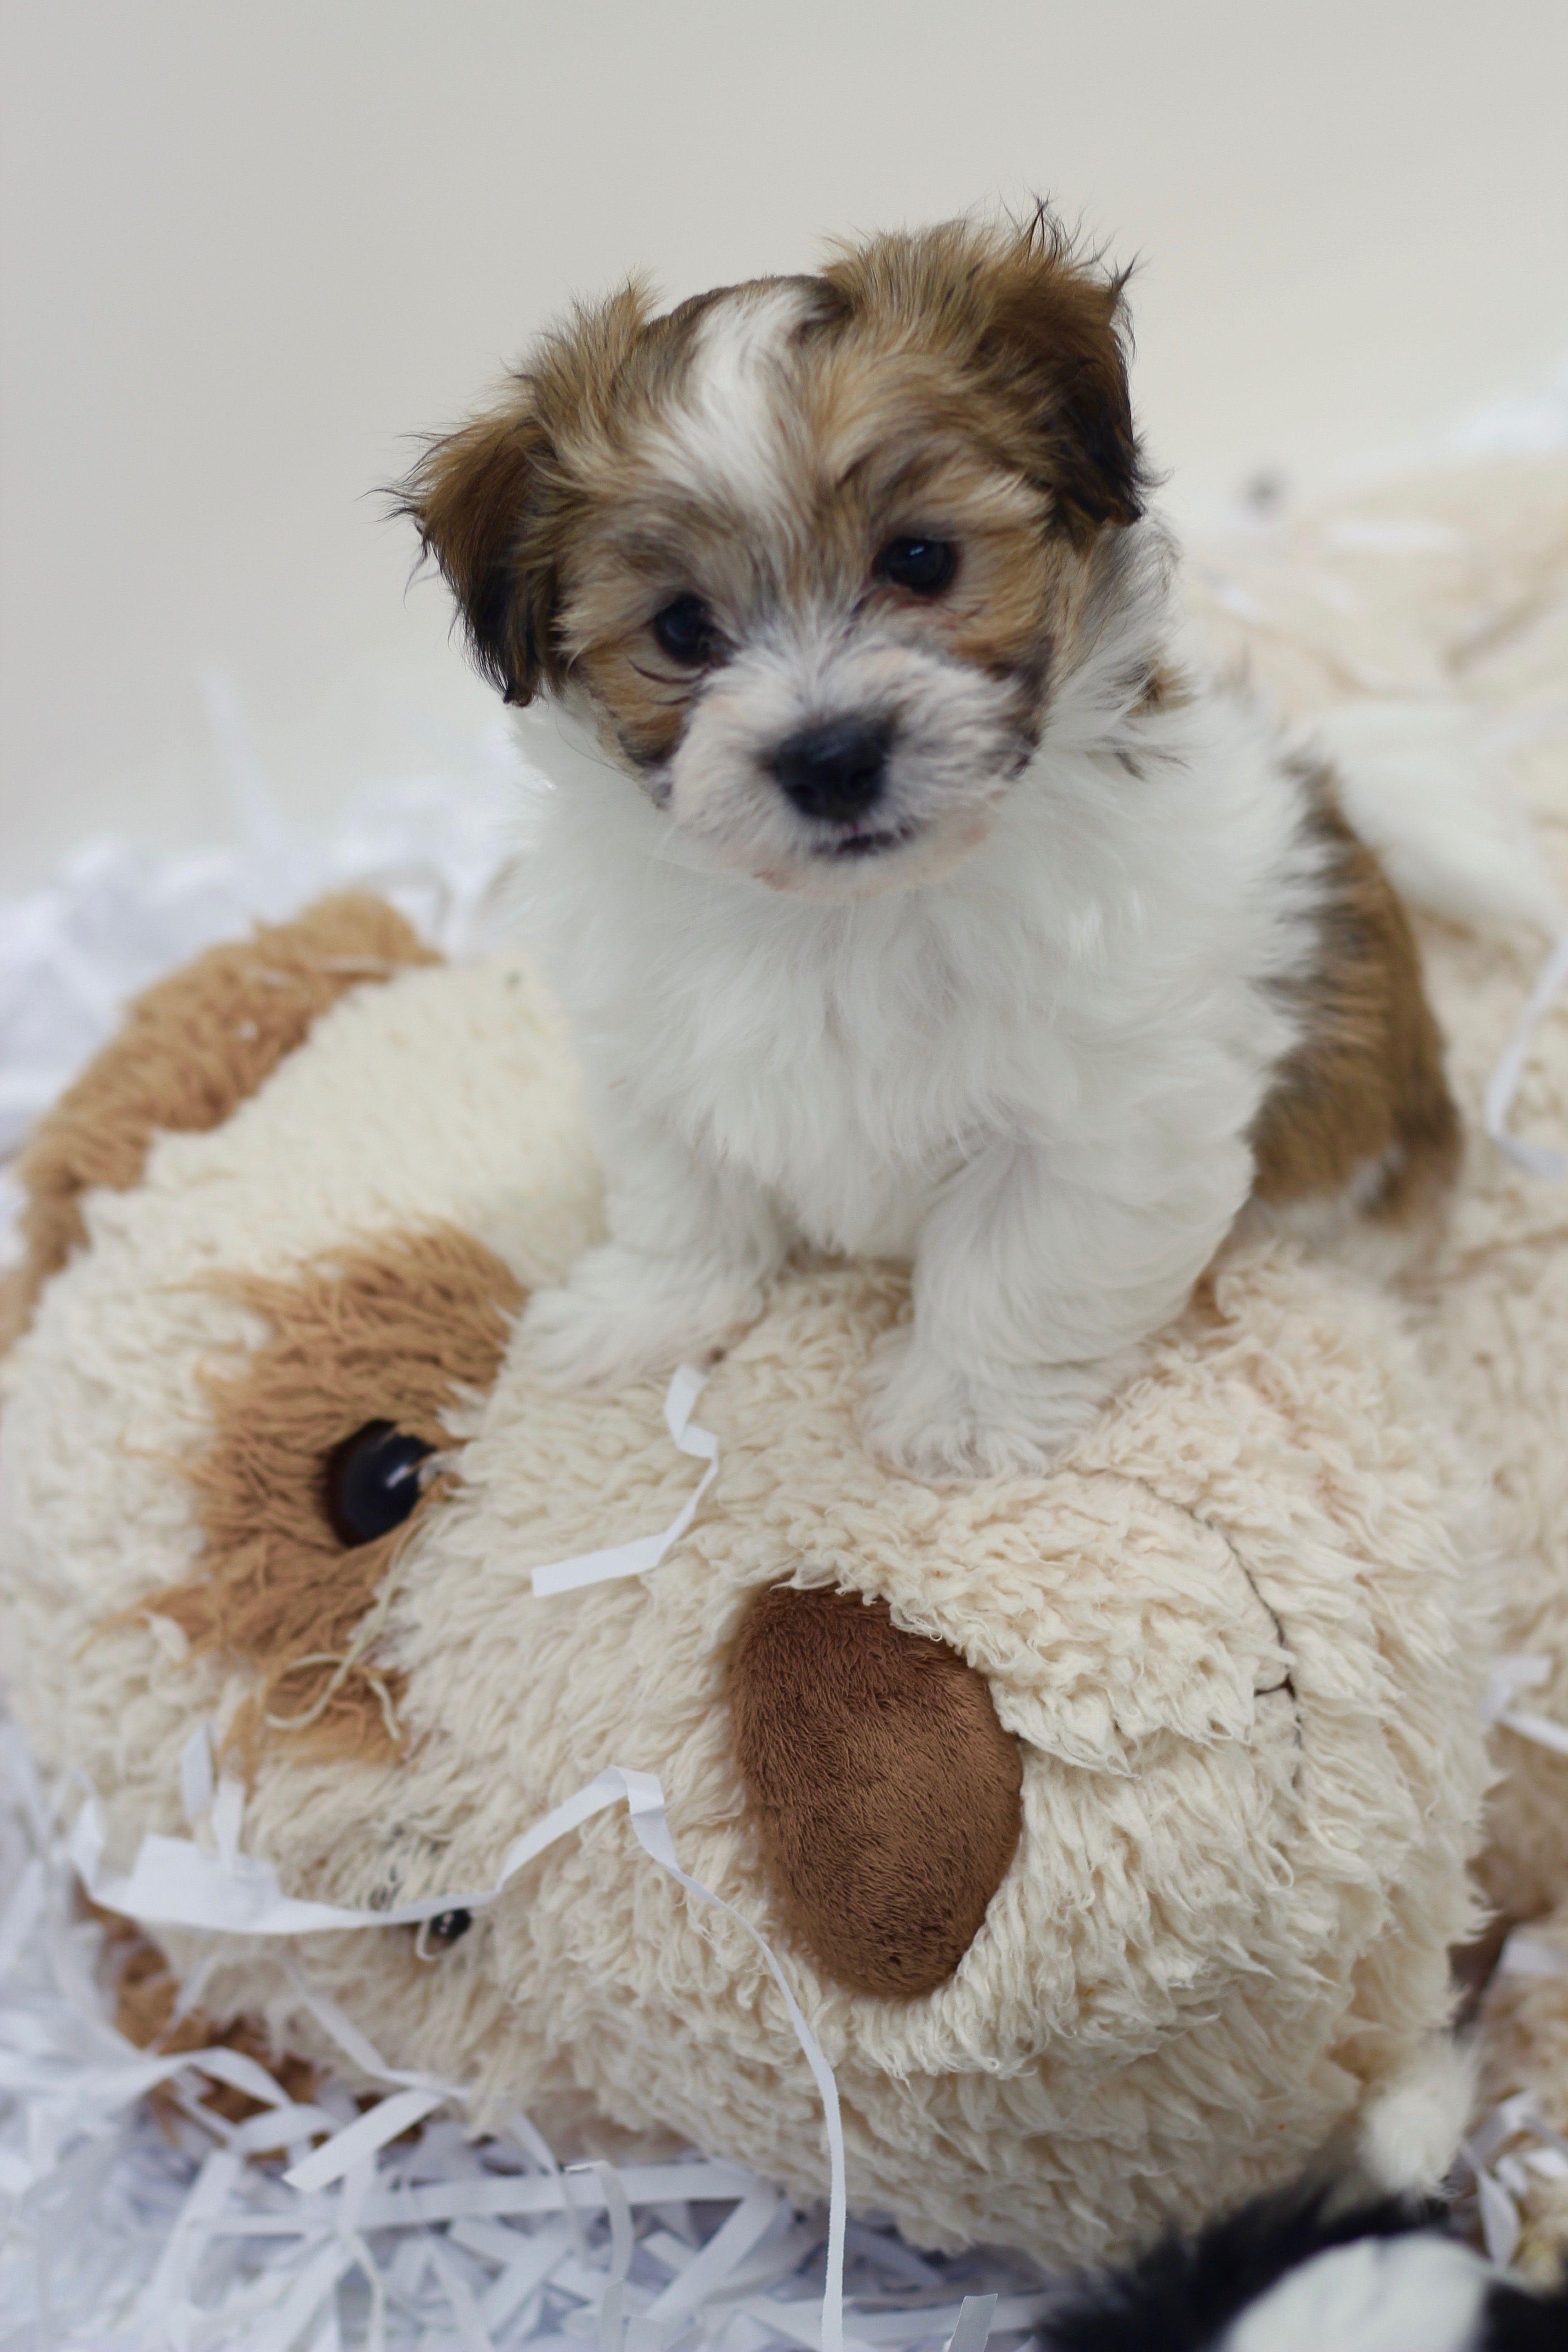 Shichon Puppies For Sale Near Me : shichon, puppies, Bichon, Puppy., Shichon, Zuchon, Www.babybarks.ca, Puppy,, Puppies,, Puppies